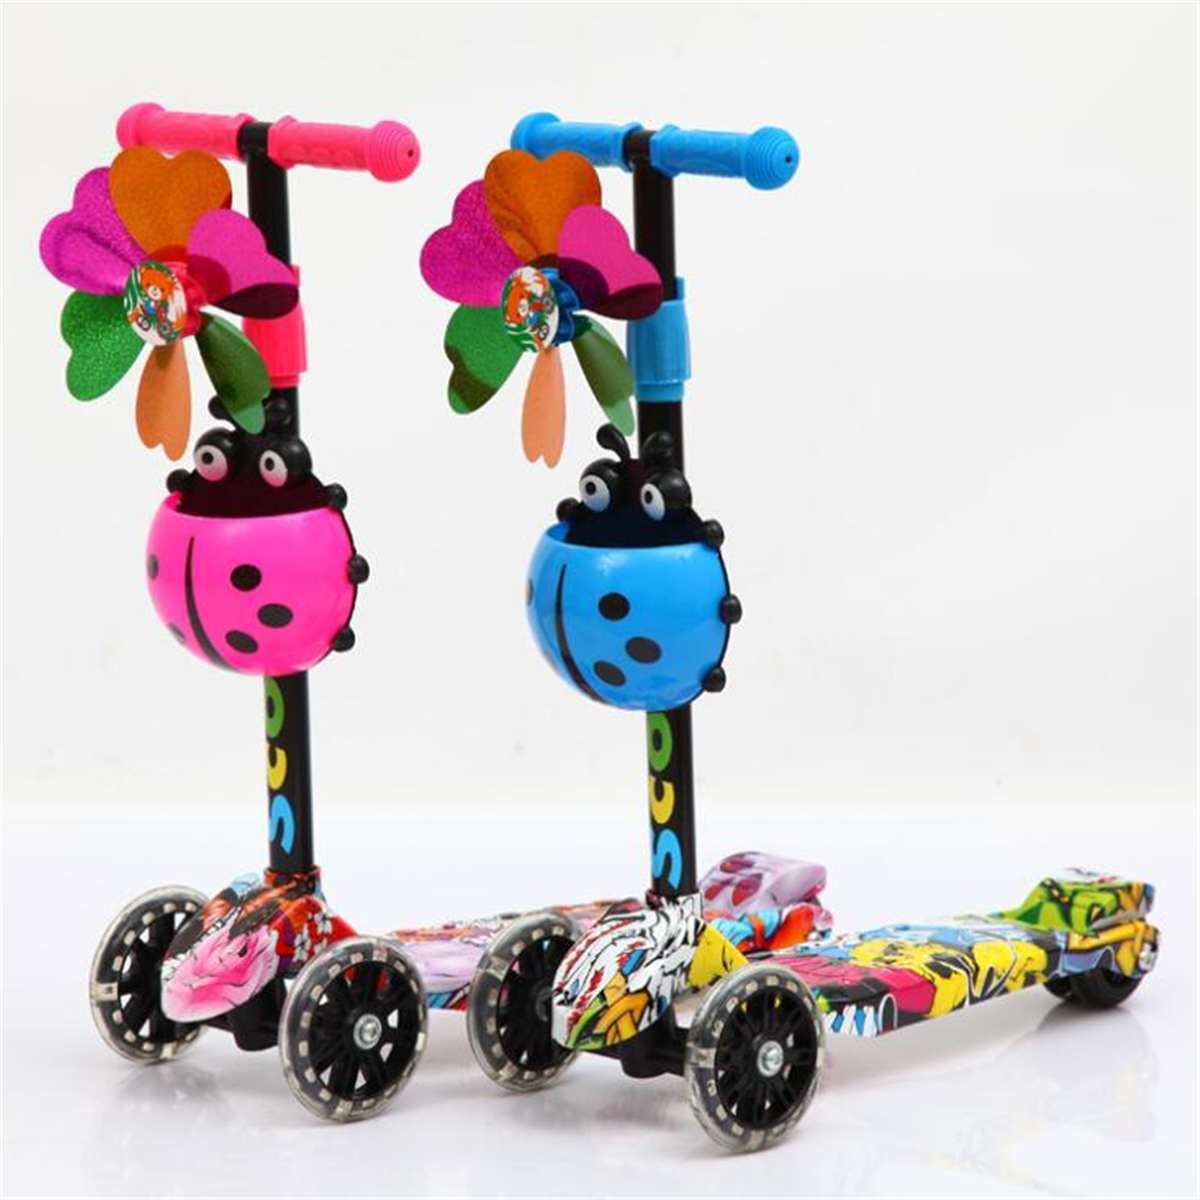 Dziecięca regulowana Unisex hulajnoga LED Light Up 4 koła stóp skutery dzieci miasto rolki deskorolka prezenty dla dzieci